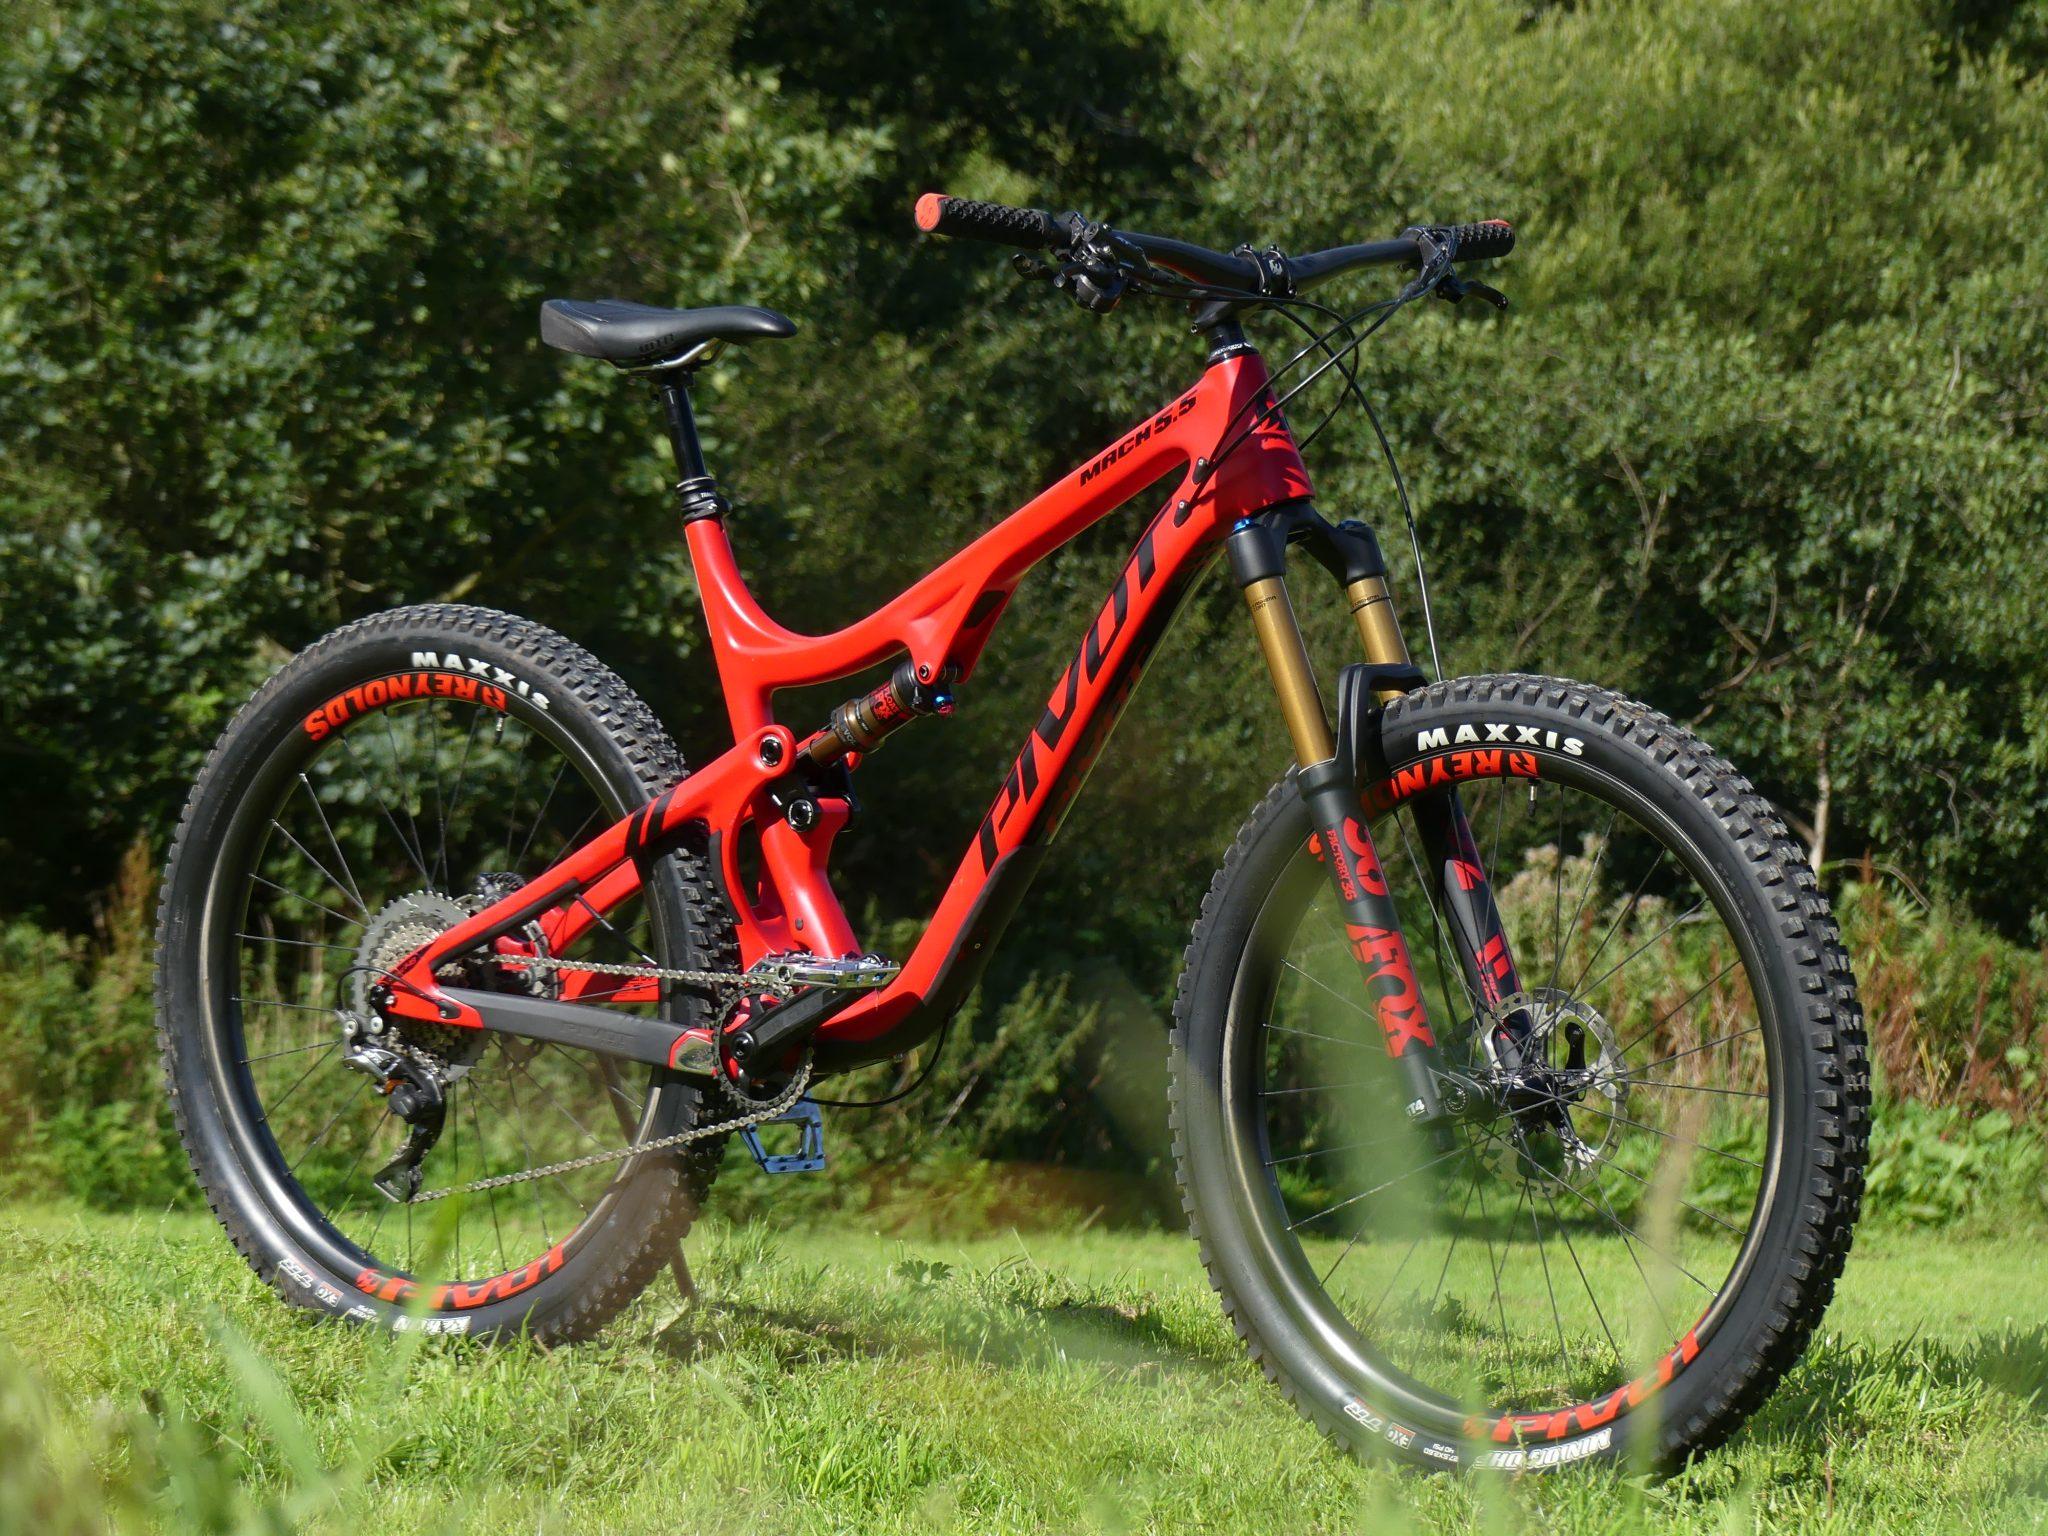 Pivot Cycles Mach 5 5 2017   Mountain Bike Reviews » Bikes » Trail